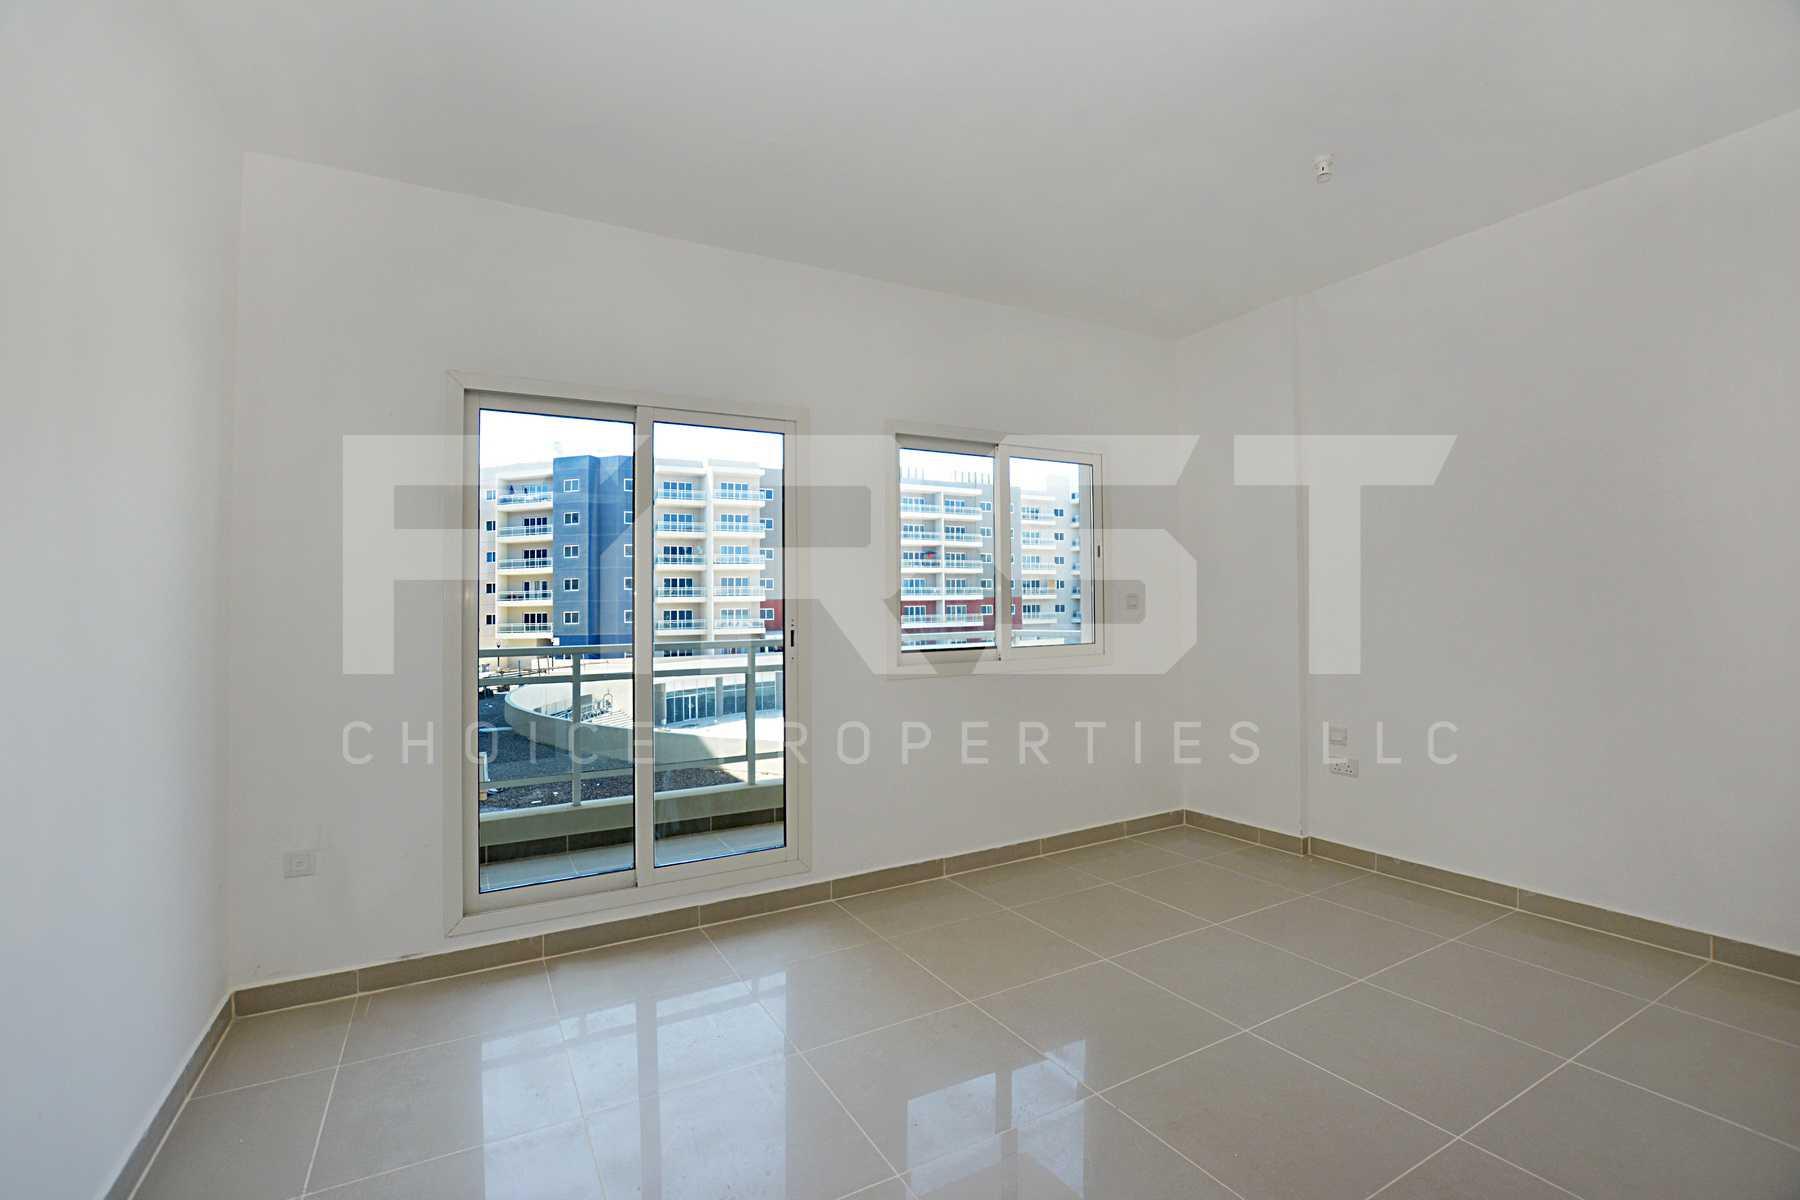 Internal Photo of Studio Apartment Type C in Al Reef Downtown Al Reef Abu Dhabi UAE 40 sq.m 426 sq.ft (3).jpg